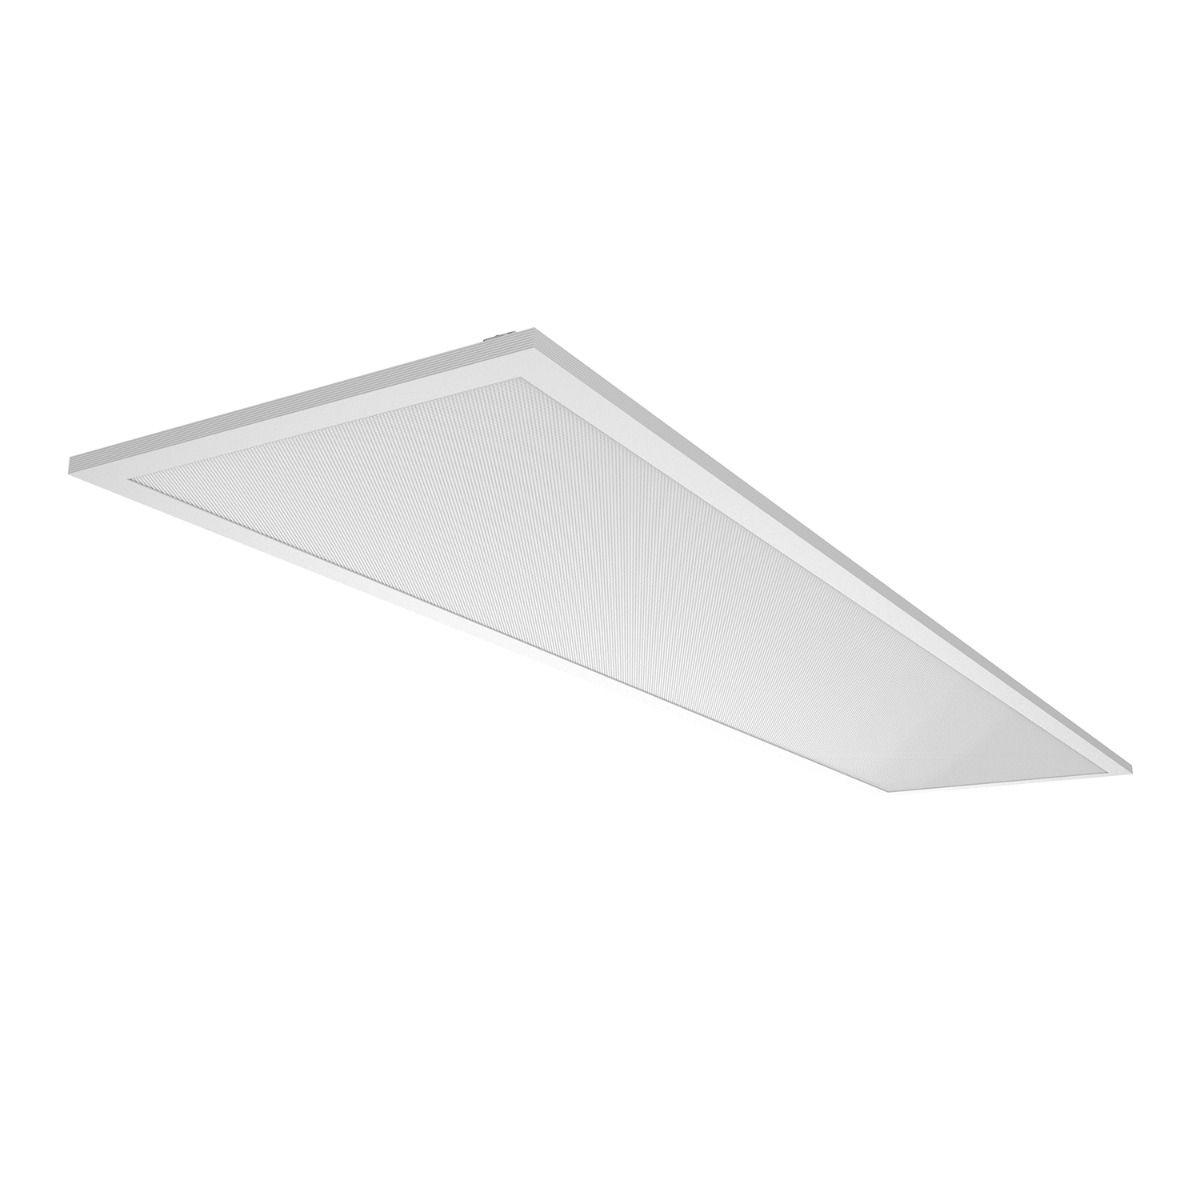 Noxion LED Panel Delta Pro V3 30W 4000K 4070lm 30x120cm UGR <19 | Replacer for 2x36W